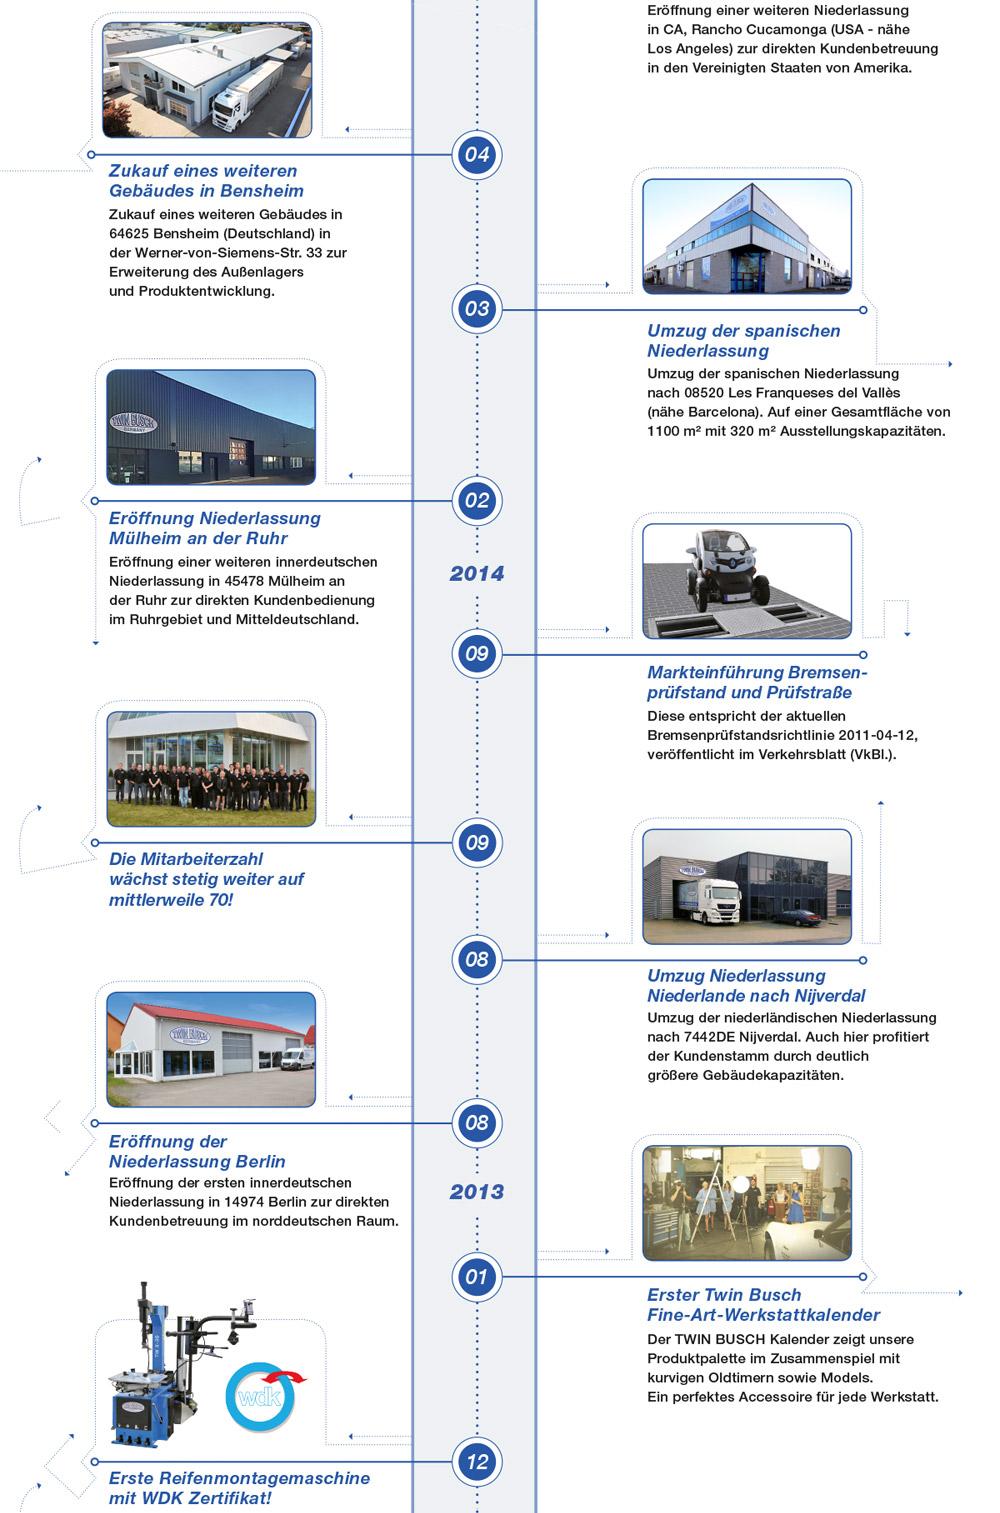 Twin Busch Firmenchronik